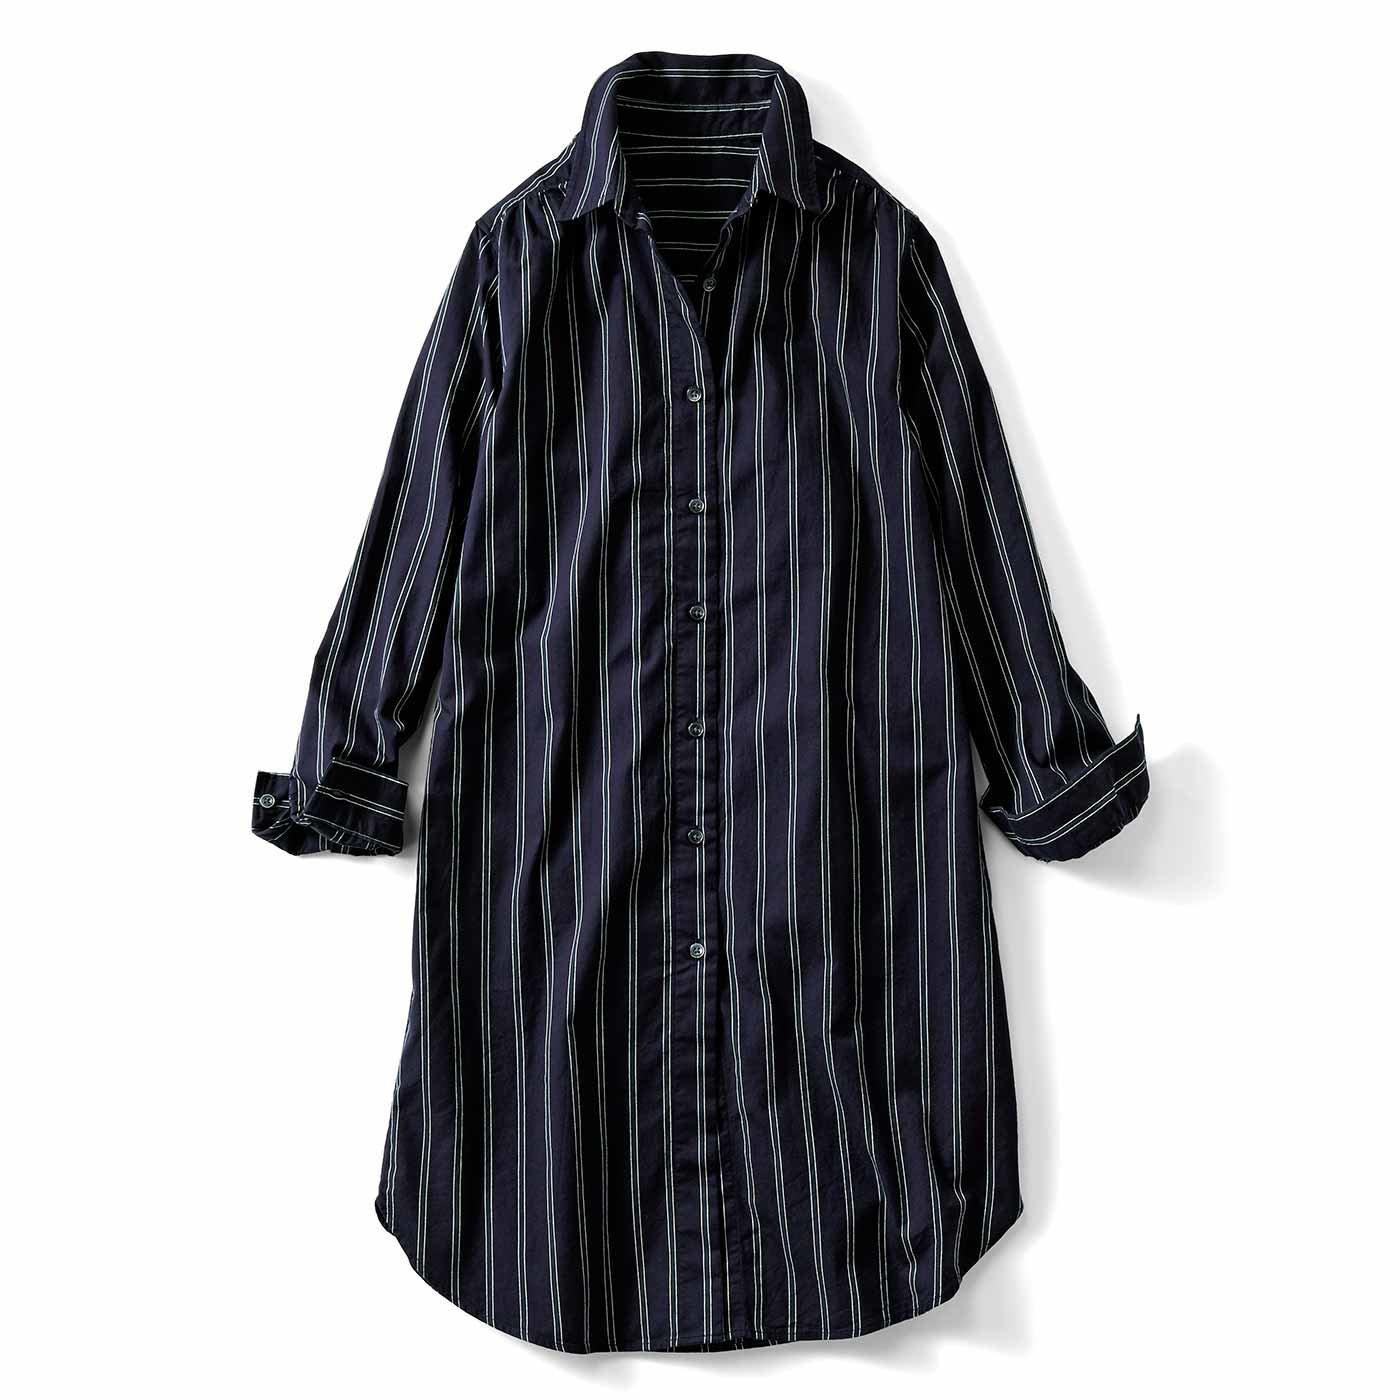 HIROMI YOSHIDA. レジメンタルストライプロングシャツ〈ネイビー〉